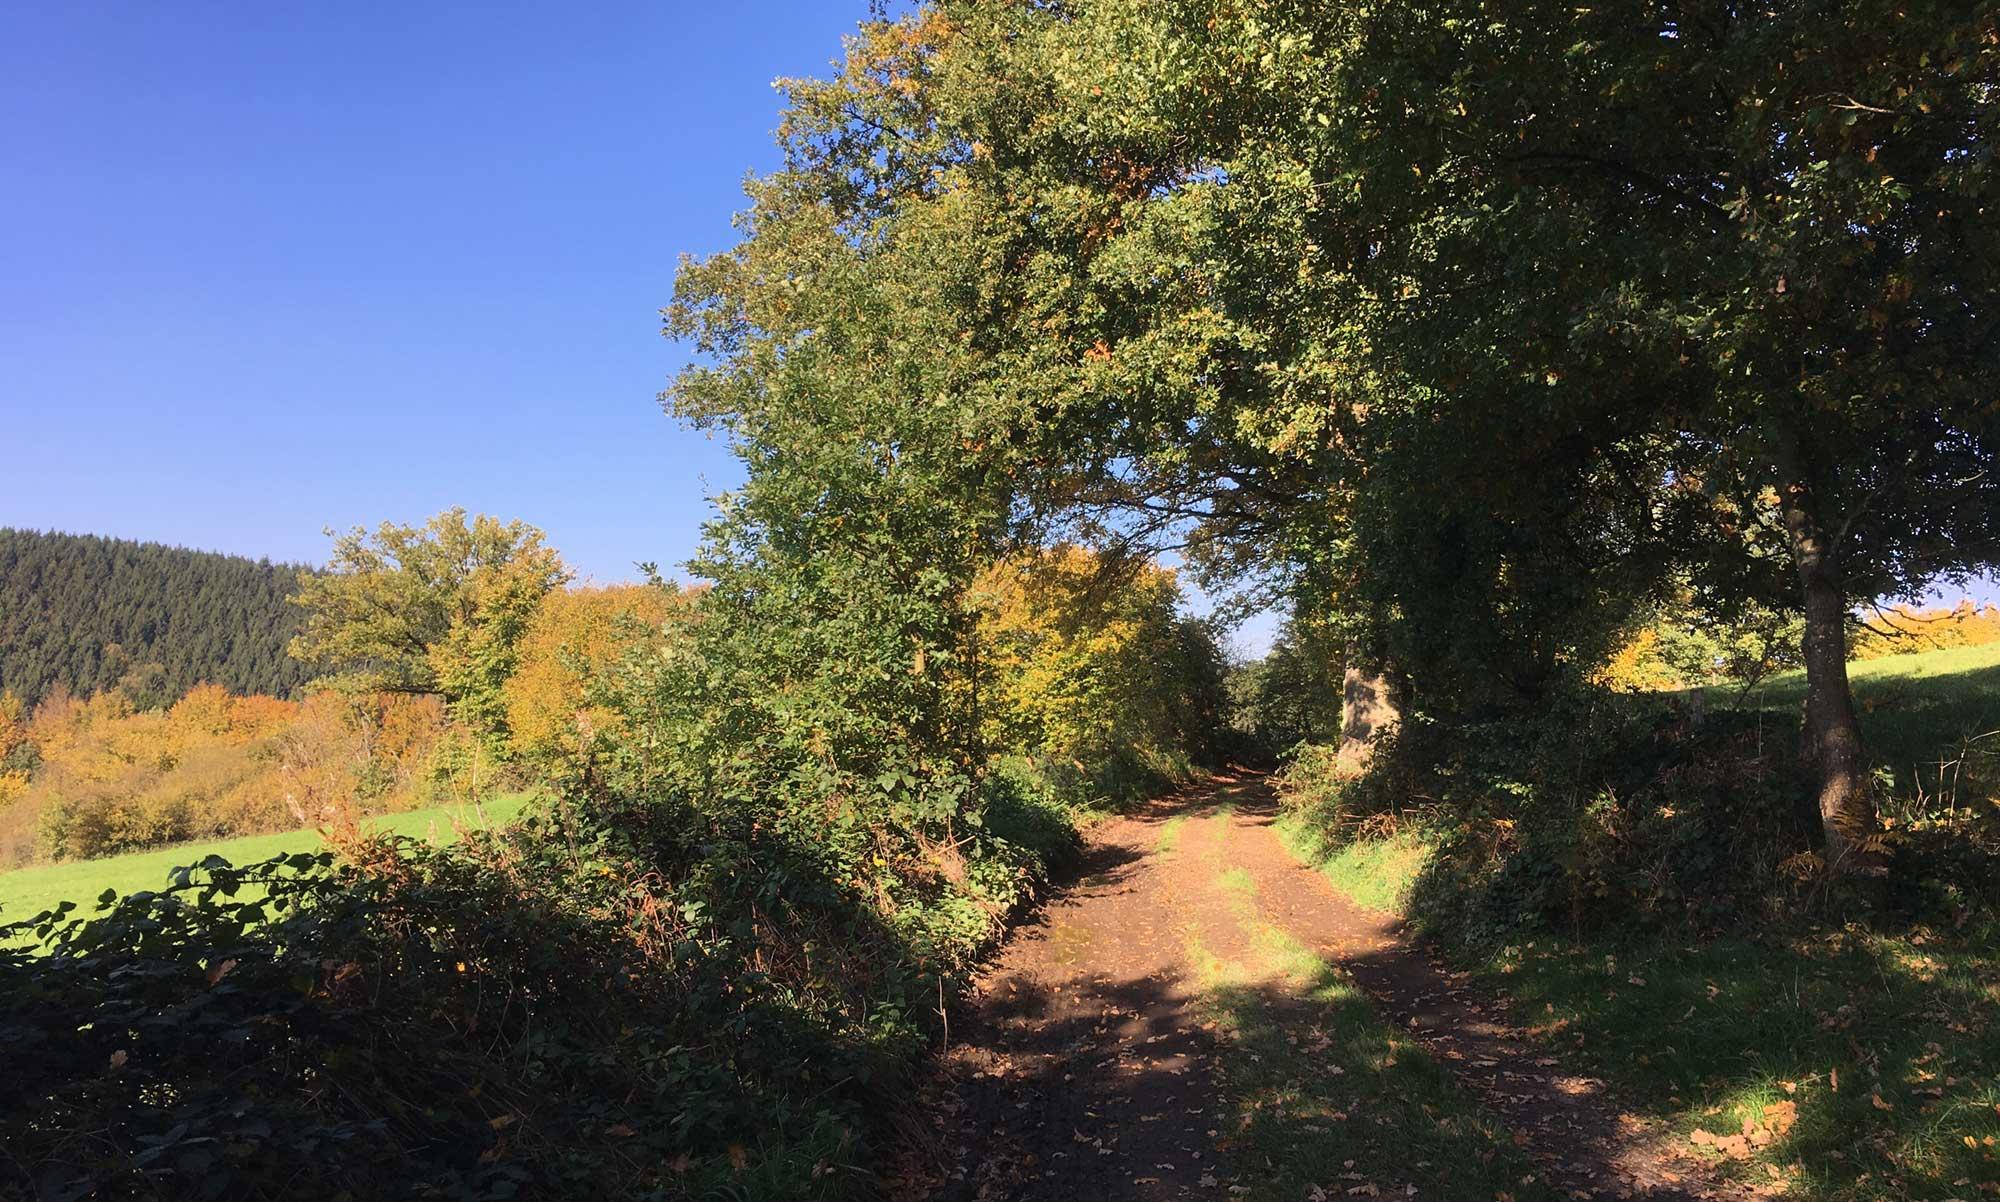 Warchetal Wanderweg im Herbstlicht